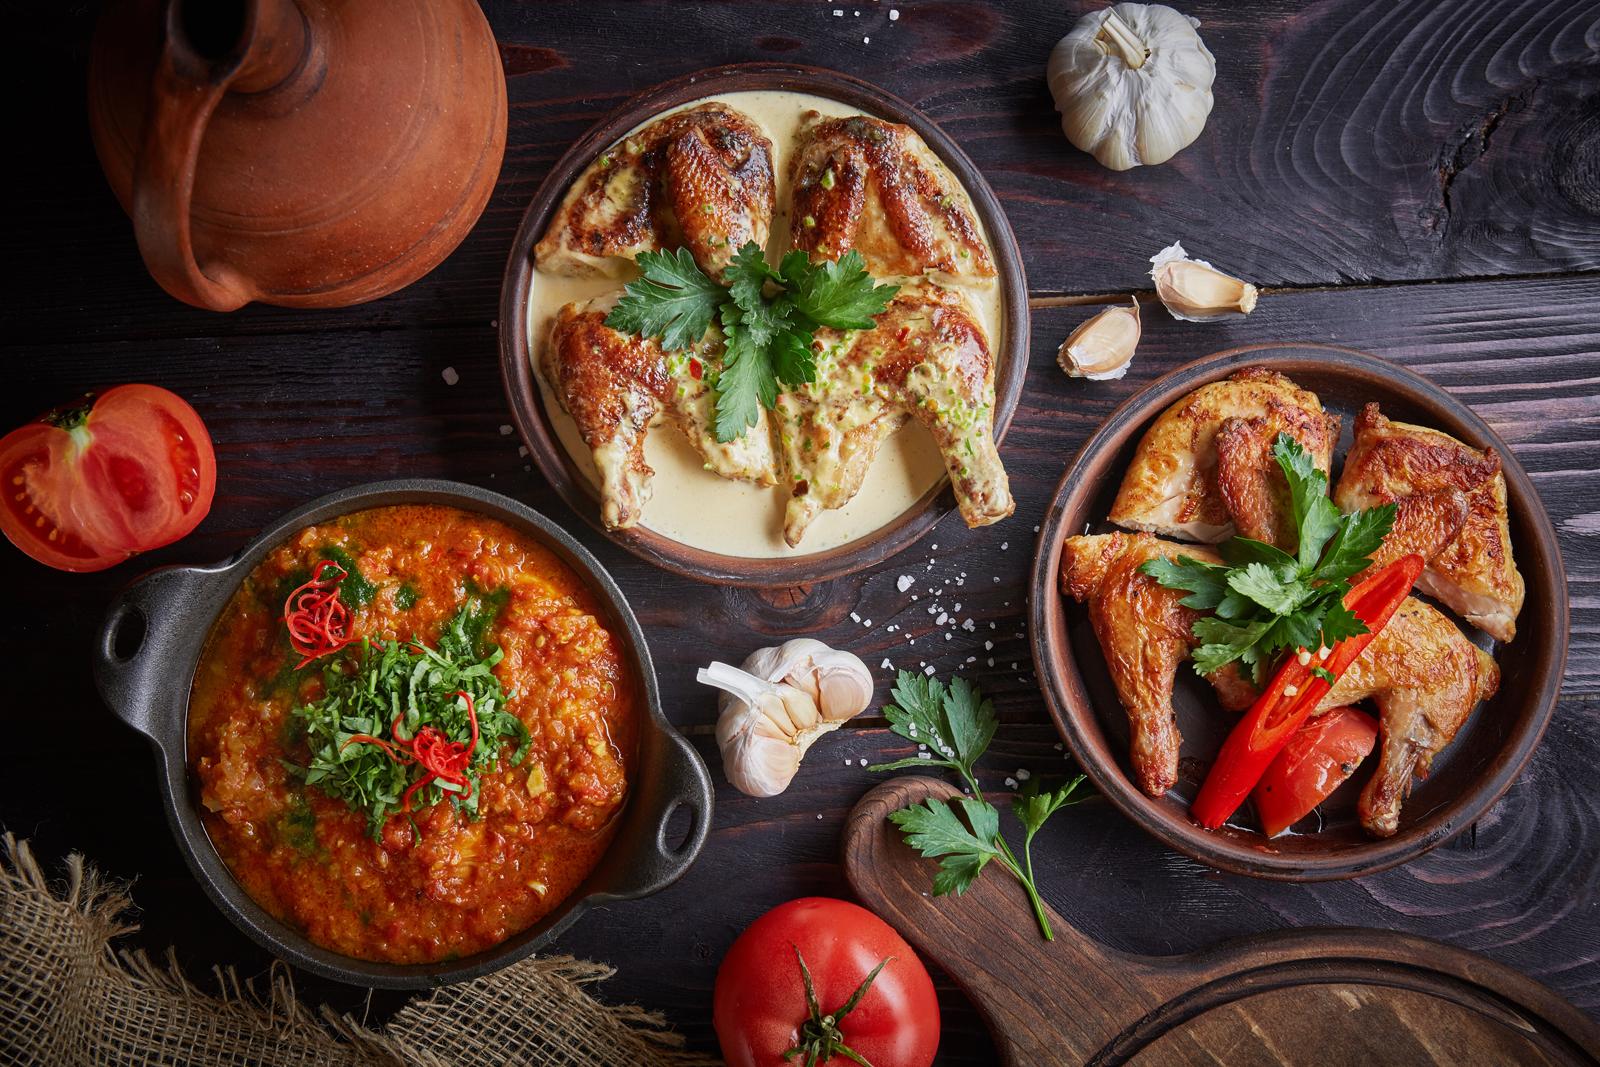 Блюда картинки для рекламы ресторана